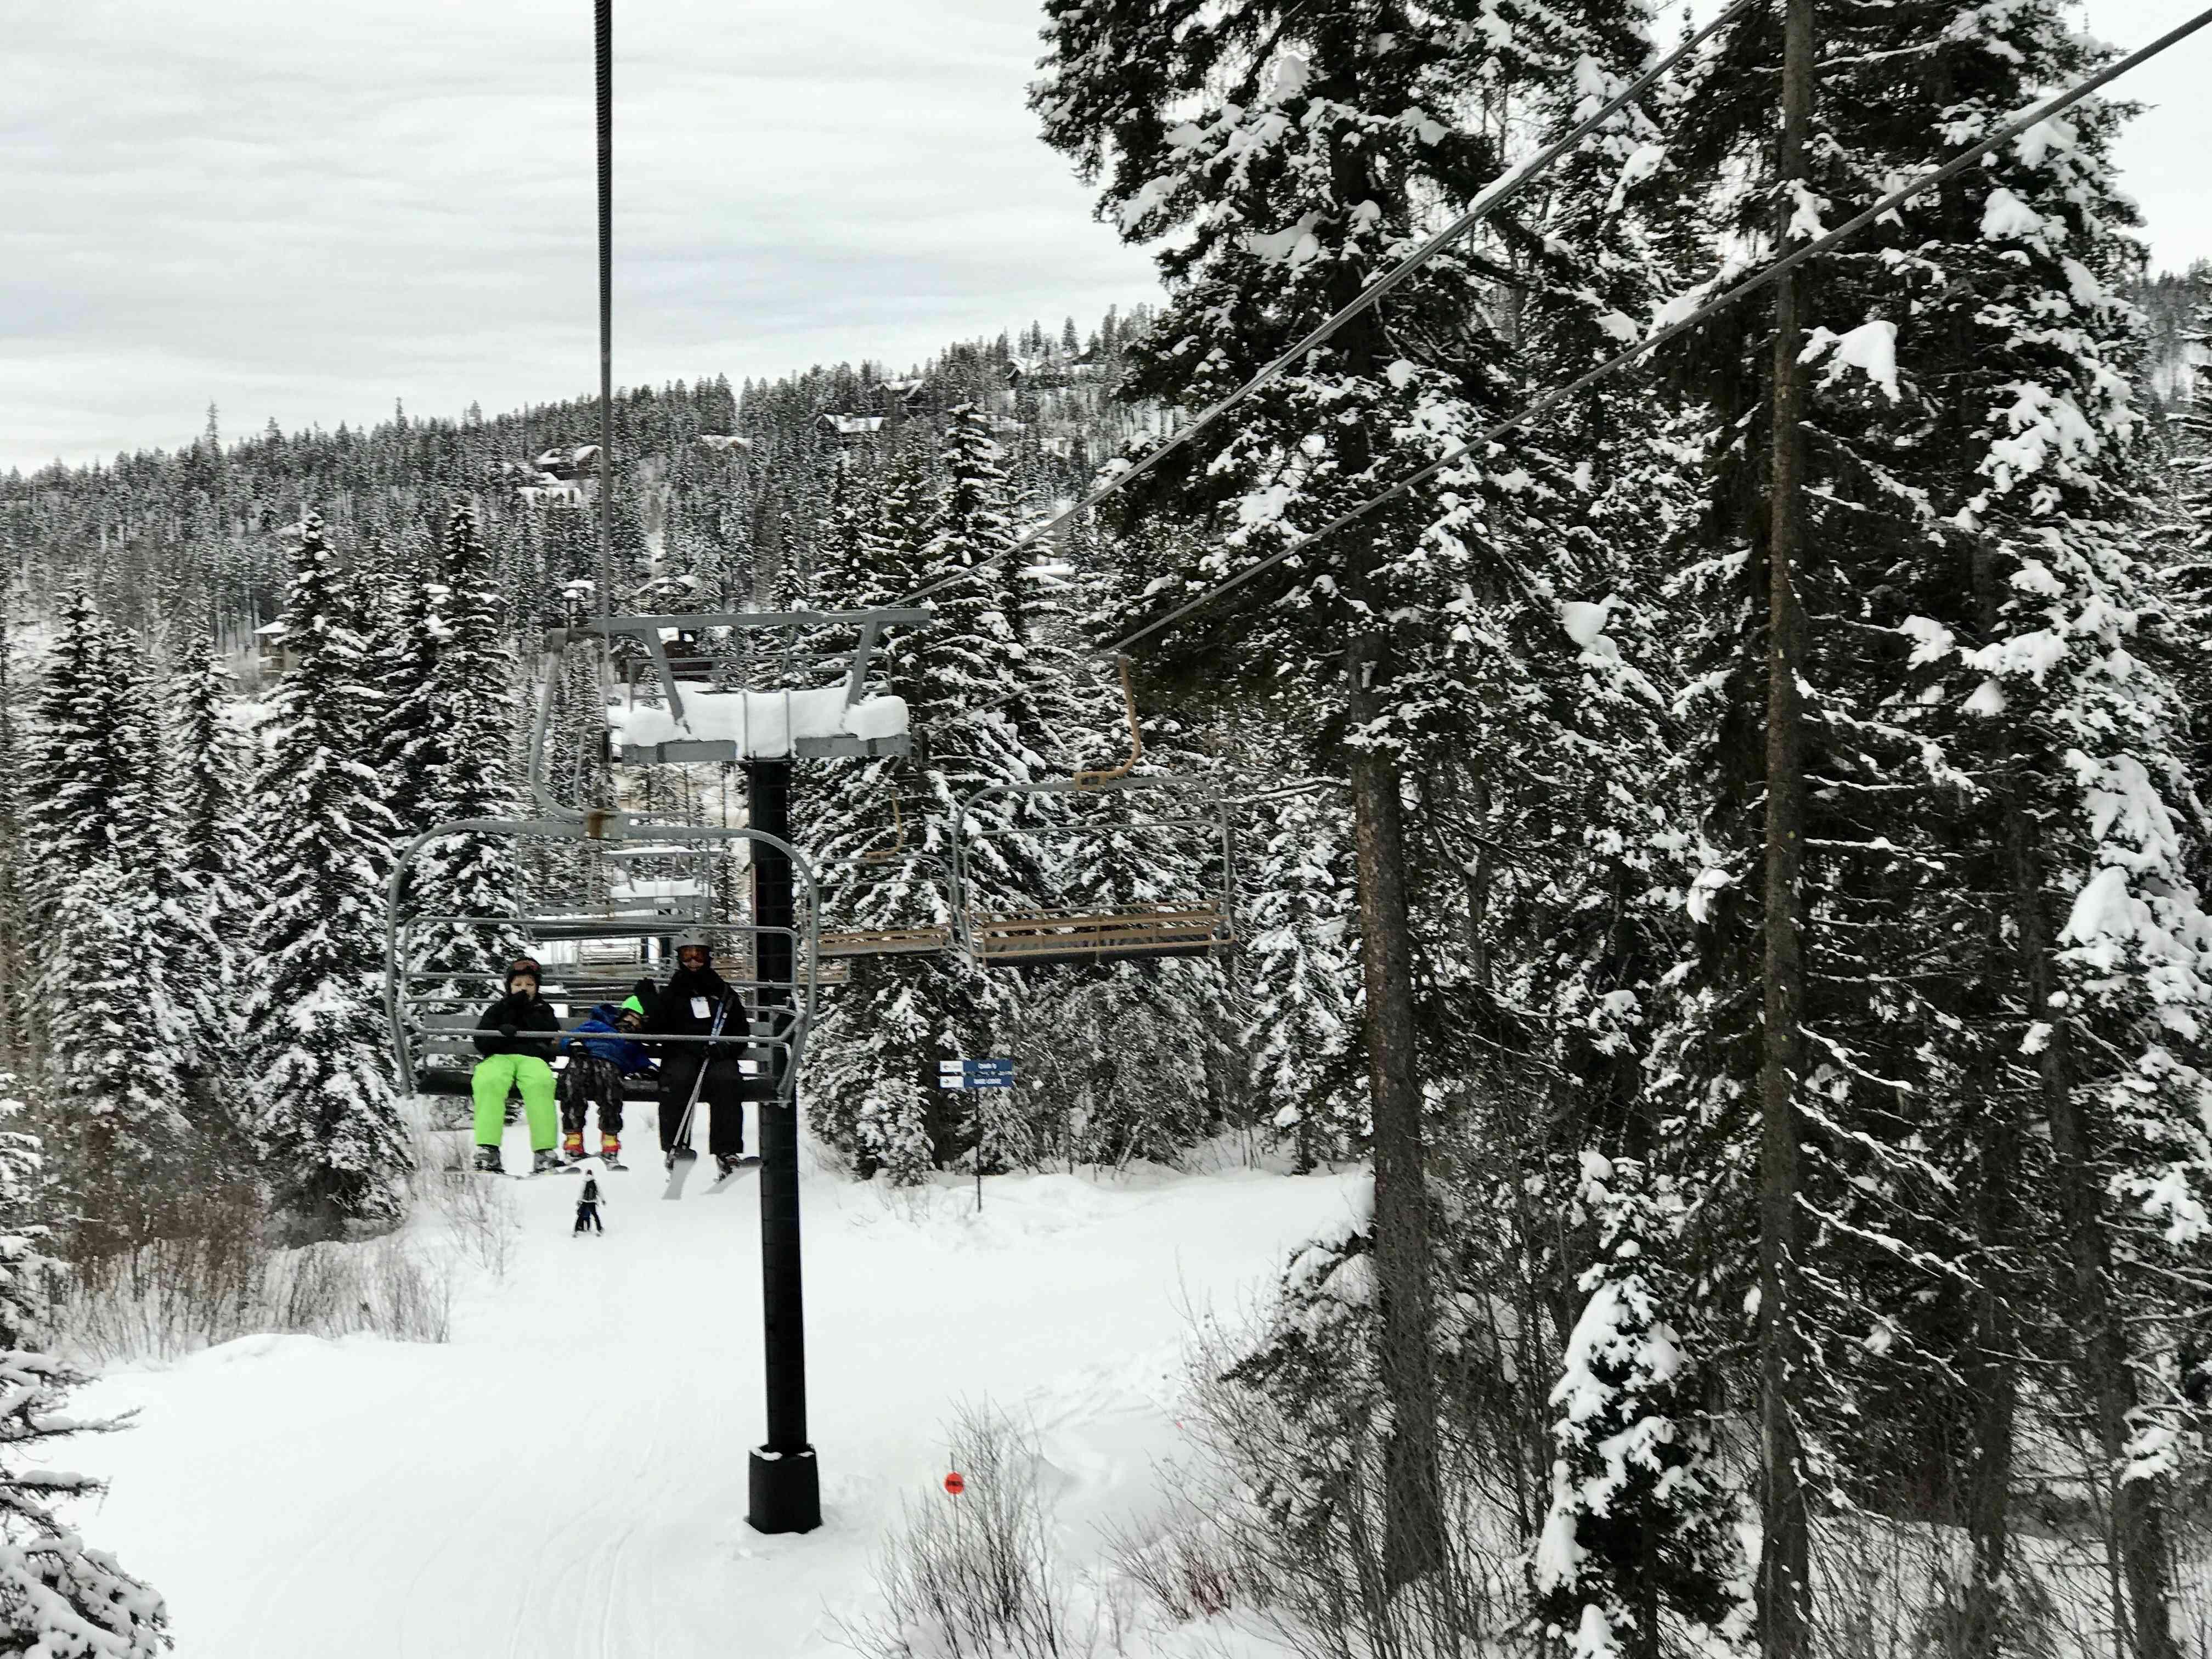 Skiing at Whitefish Mountain Resort